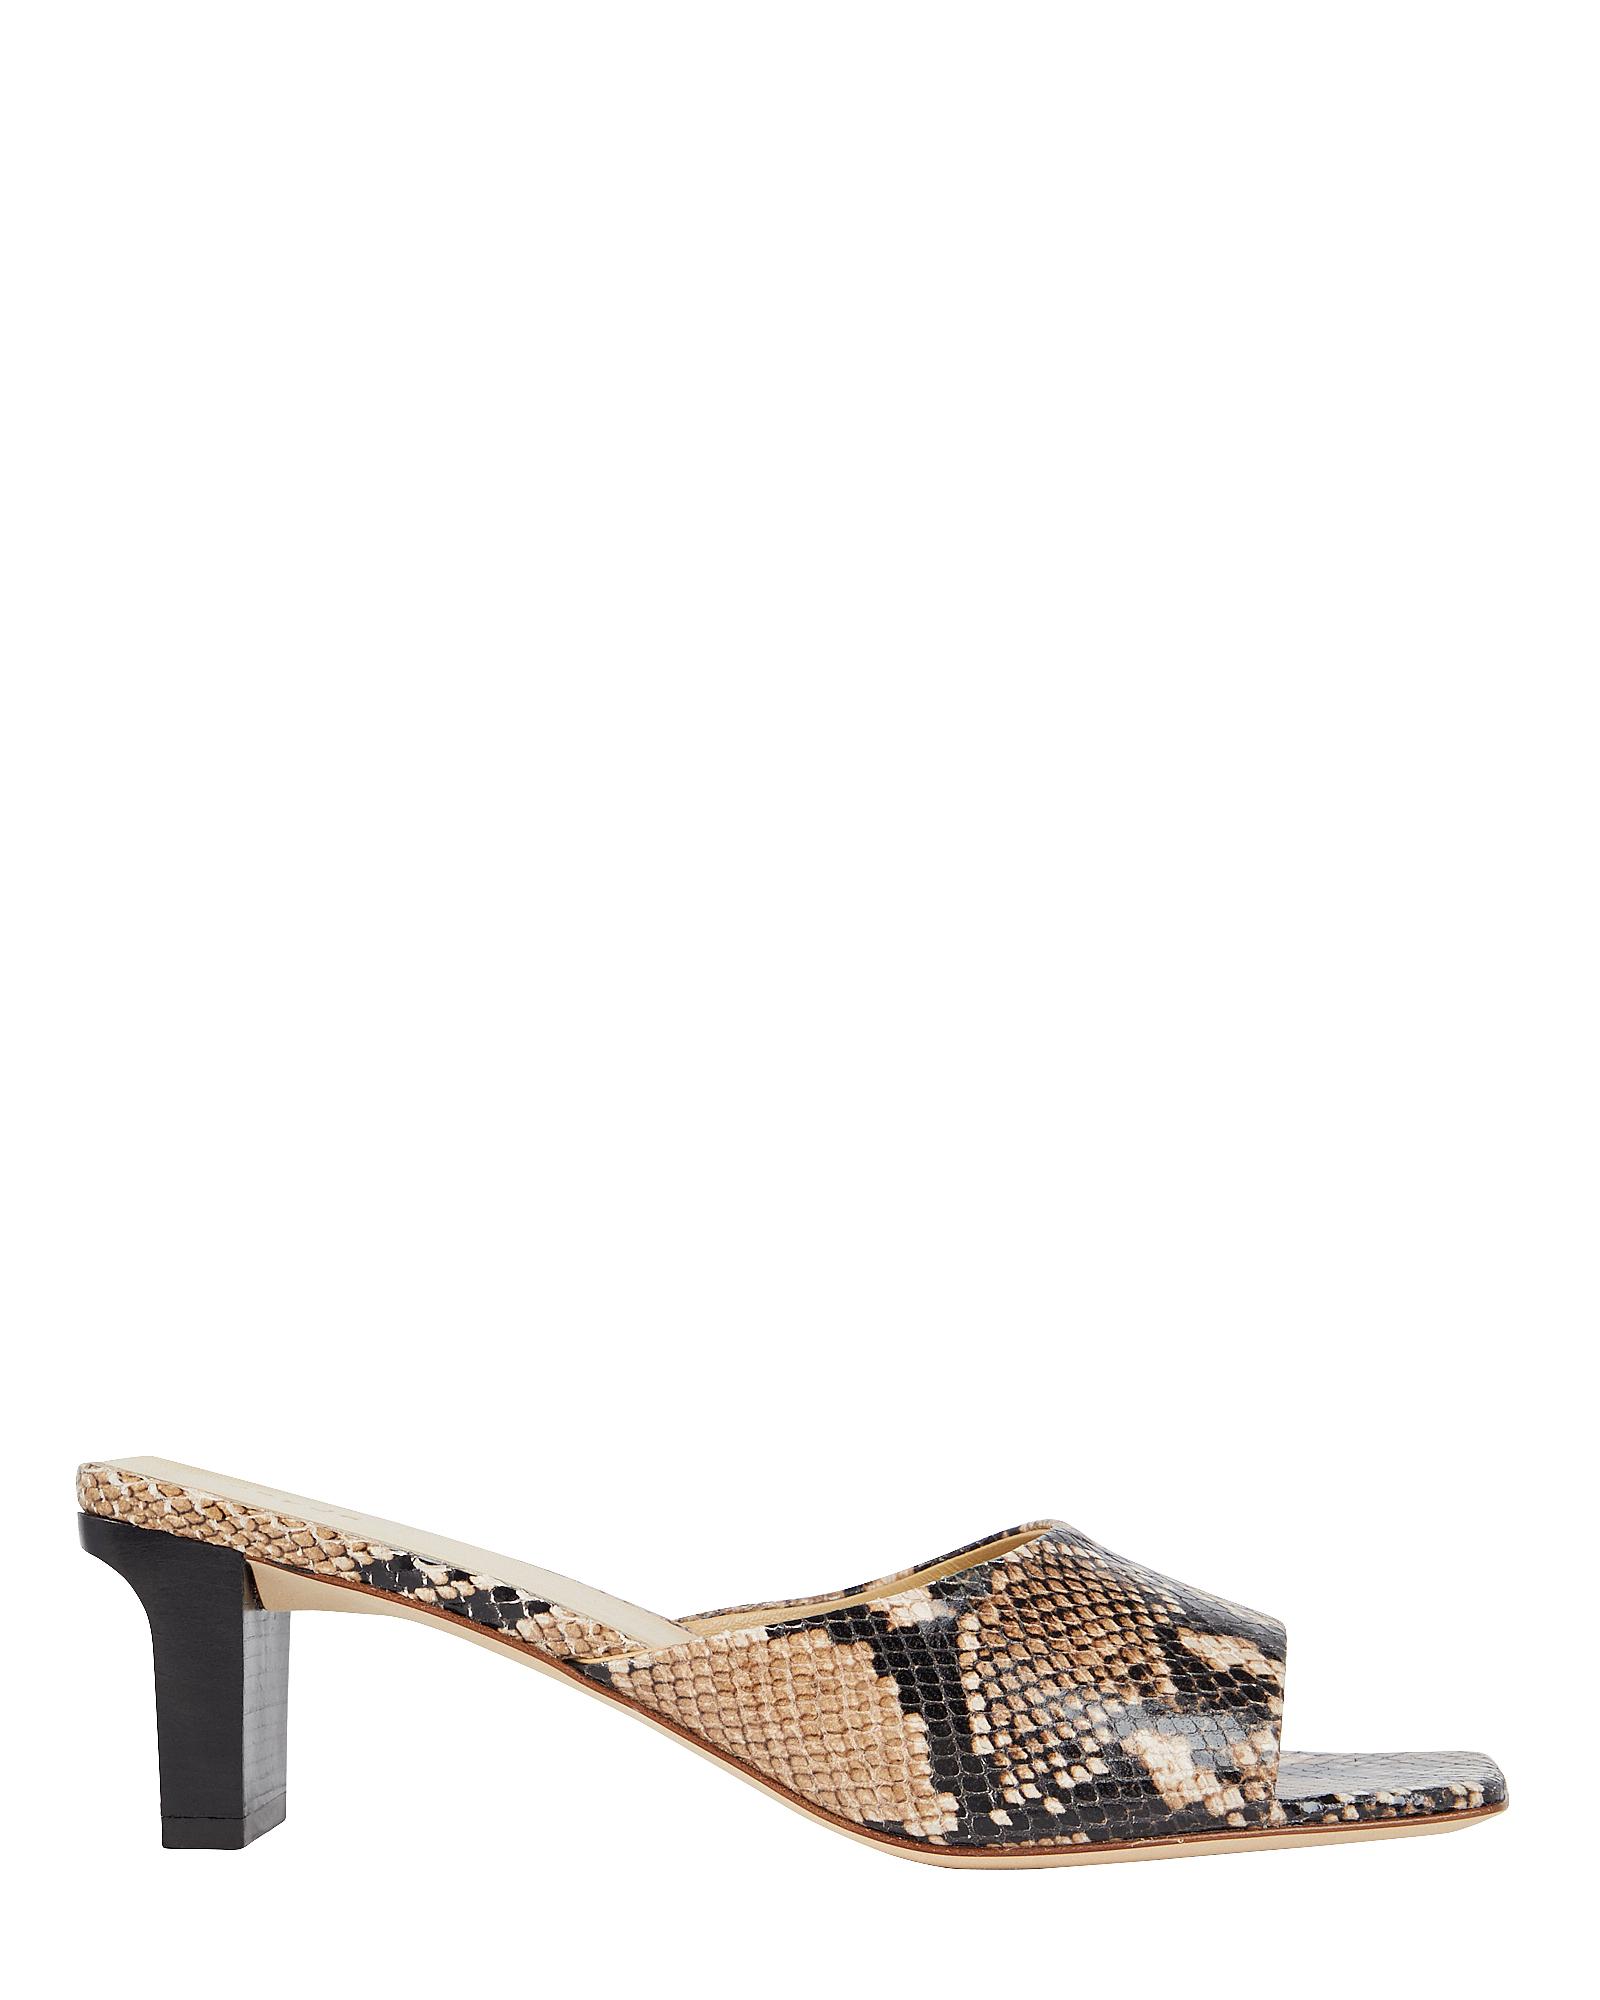 Aeyde Katti Embossed Slide Sandals